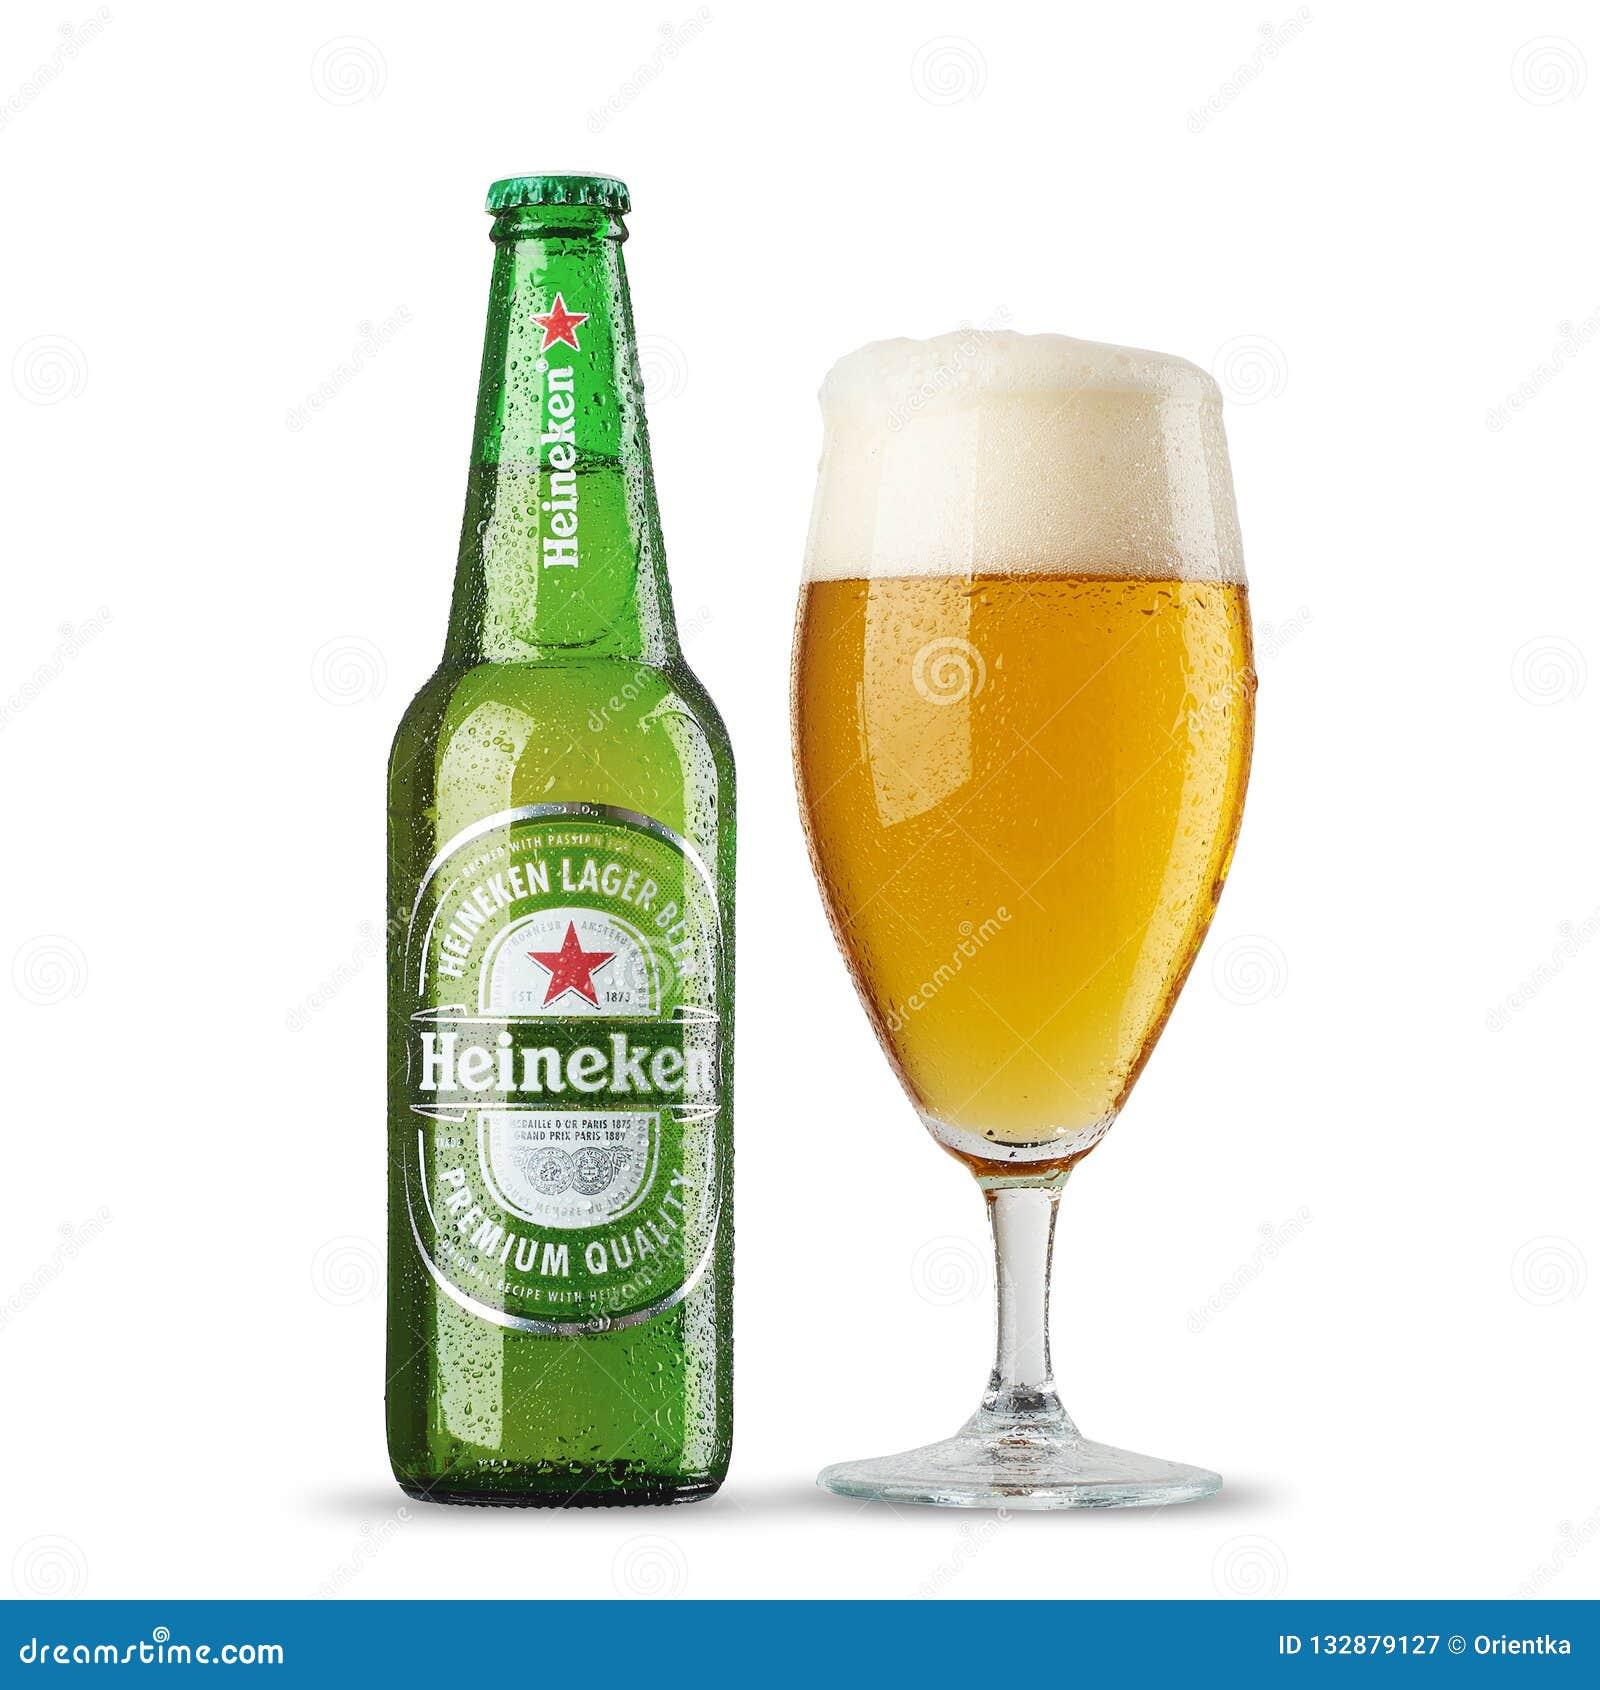 RUSIA, StPetersburg, el 9 de julio de 2017 ottle de Heineken Lager Beer con el vidrio en el fondo blanco